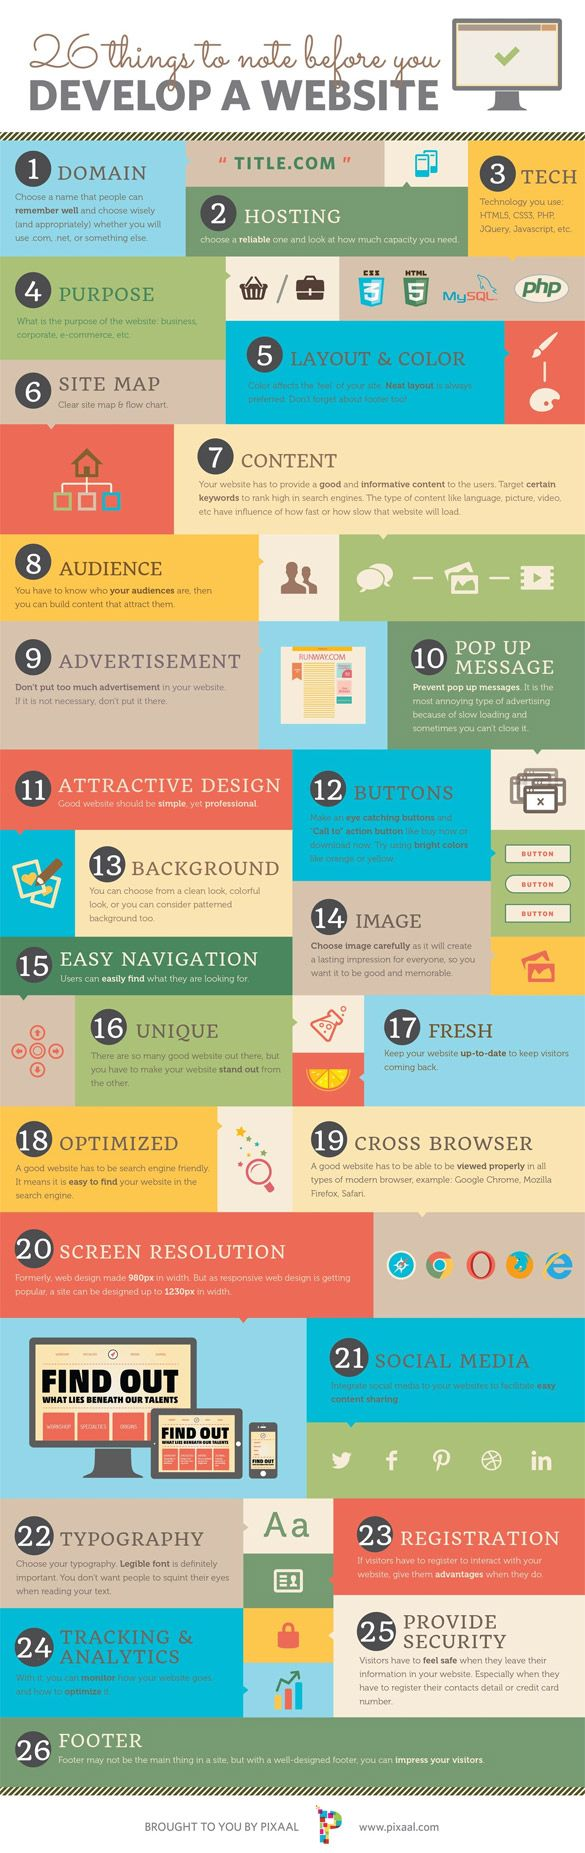 26 choses à ne pas oublier avant de créer un site Internet. / 26 things to not forget before building an Internet website